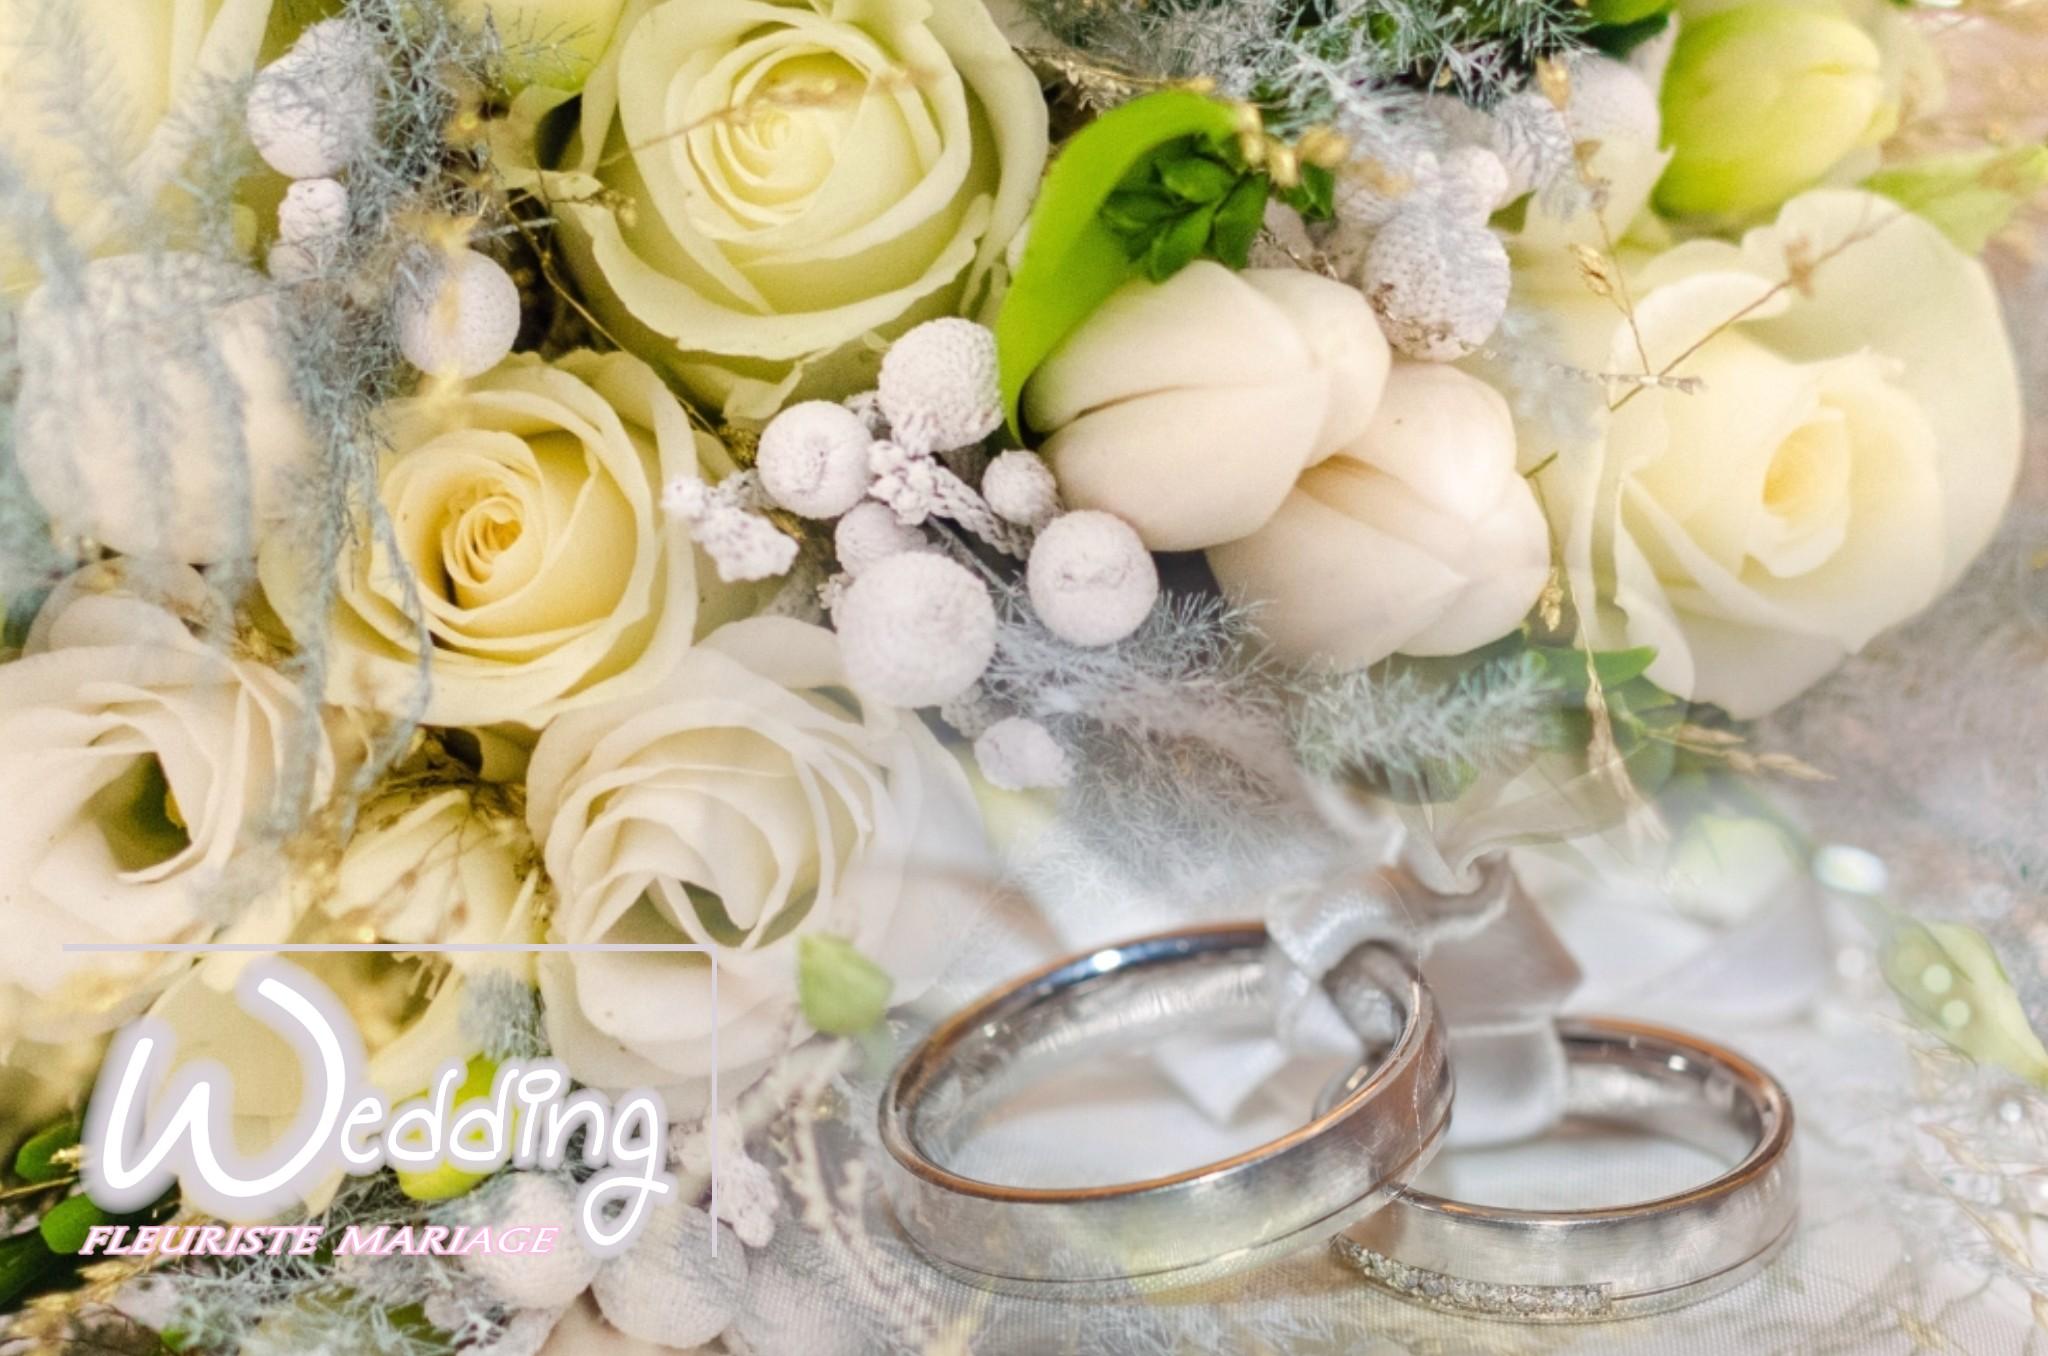 BIJOUX FLORAUX WEDDING FLEURISTE MARIAGE COUSSIN POUR ALLIANCE